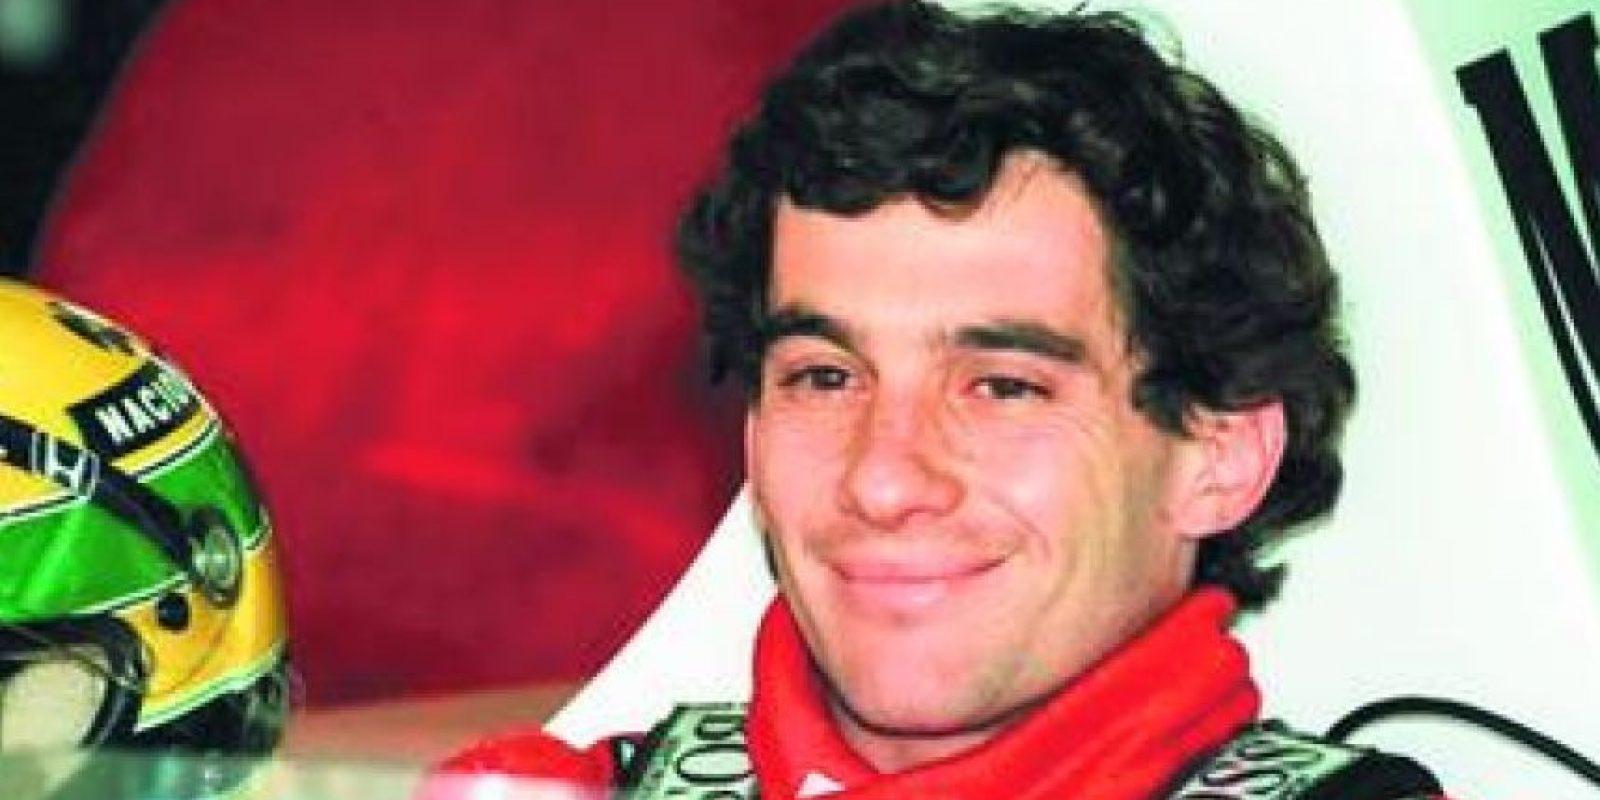 """5- Ayrton Senna. Este piloto brasileño es reconocido por muchos como el más rápido de la historia de este deporte. Tres veces campeón del mundo en la Formula Uno, ganador de más de 40 carreras, de 80 podios y de 65 """"pole position"""" es uno de los grandes zurdos del deporte, tanto por su desempeño en el escenario deportivo, como por su trascendencia fuera de él. Foto:Fuente externa"""